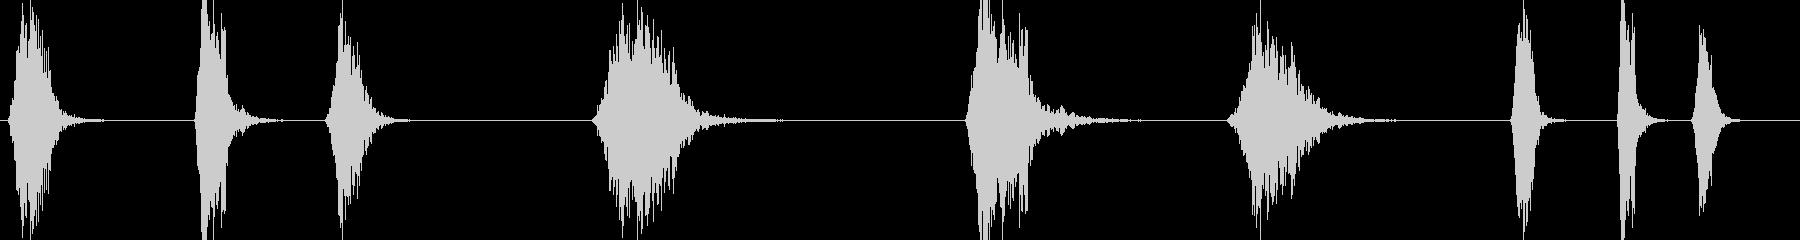 モノラルパスバイの未再生の波形